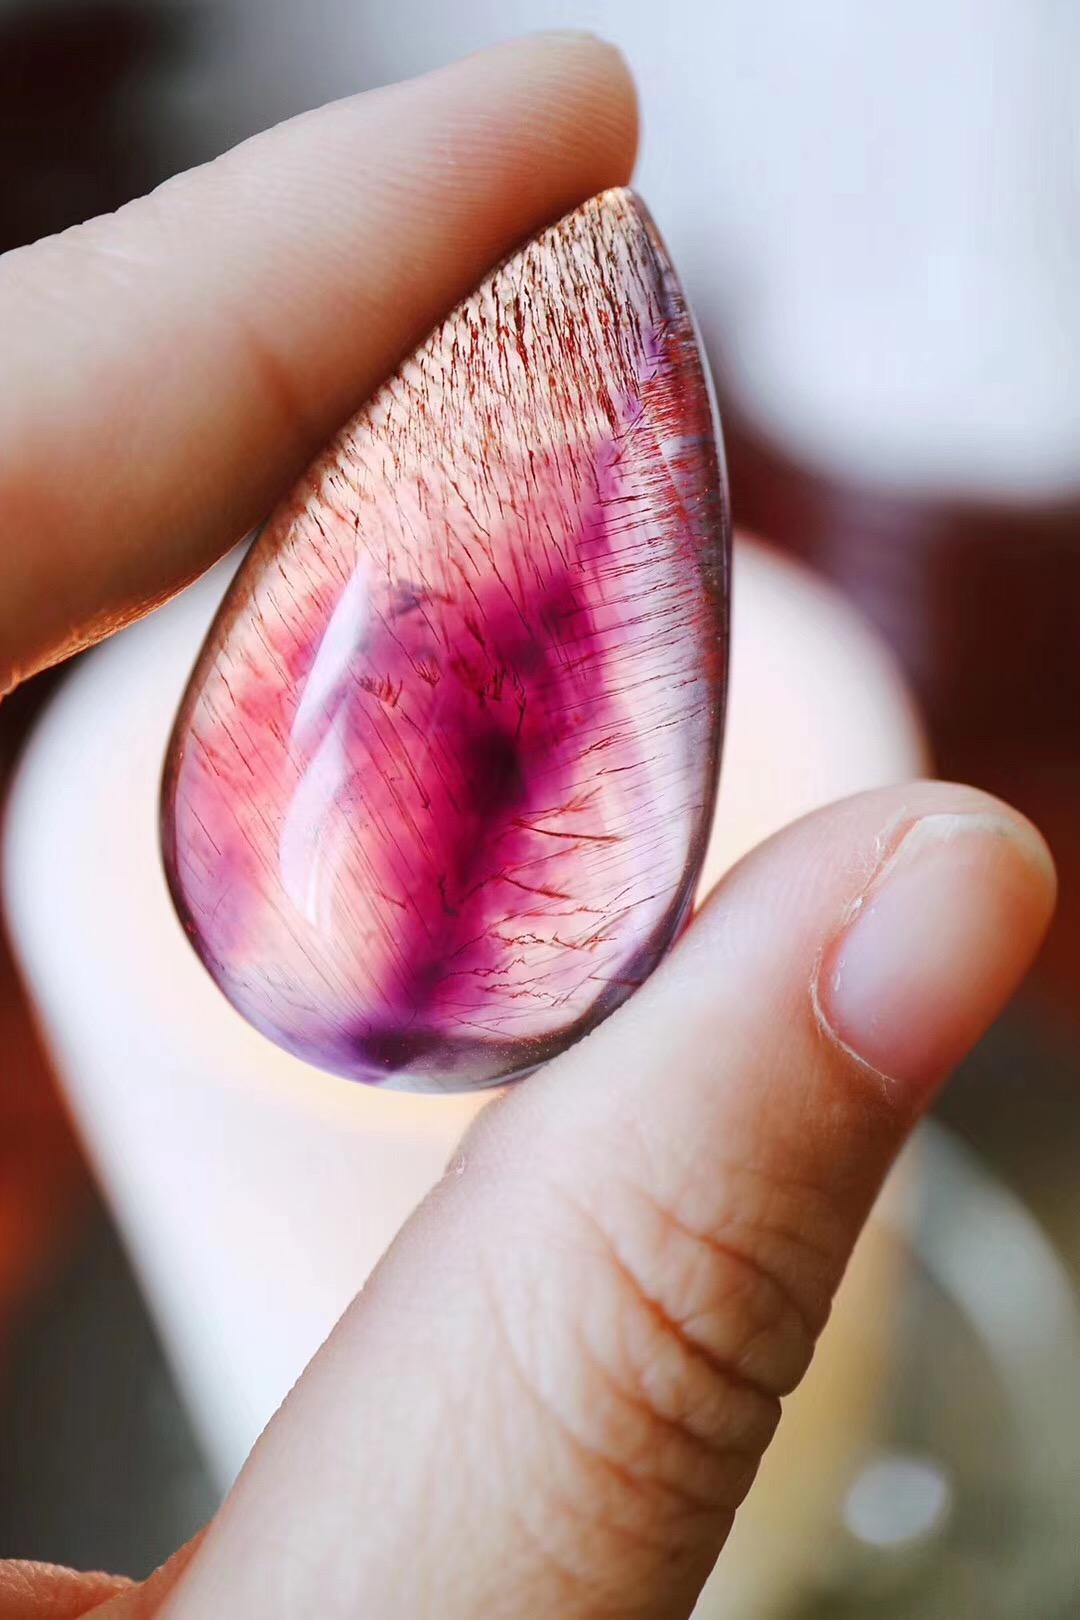 【菩心-紫发晶&收藏级】简单的回纹镶嵌,亦是经典-菩心晶舍